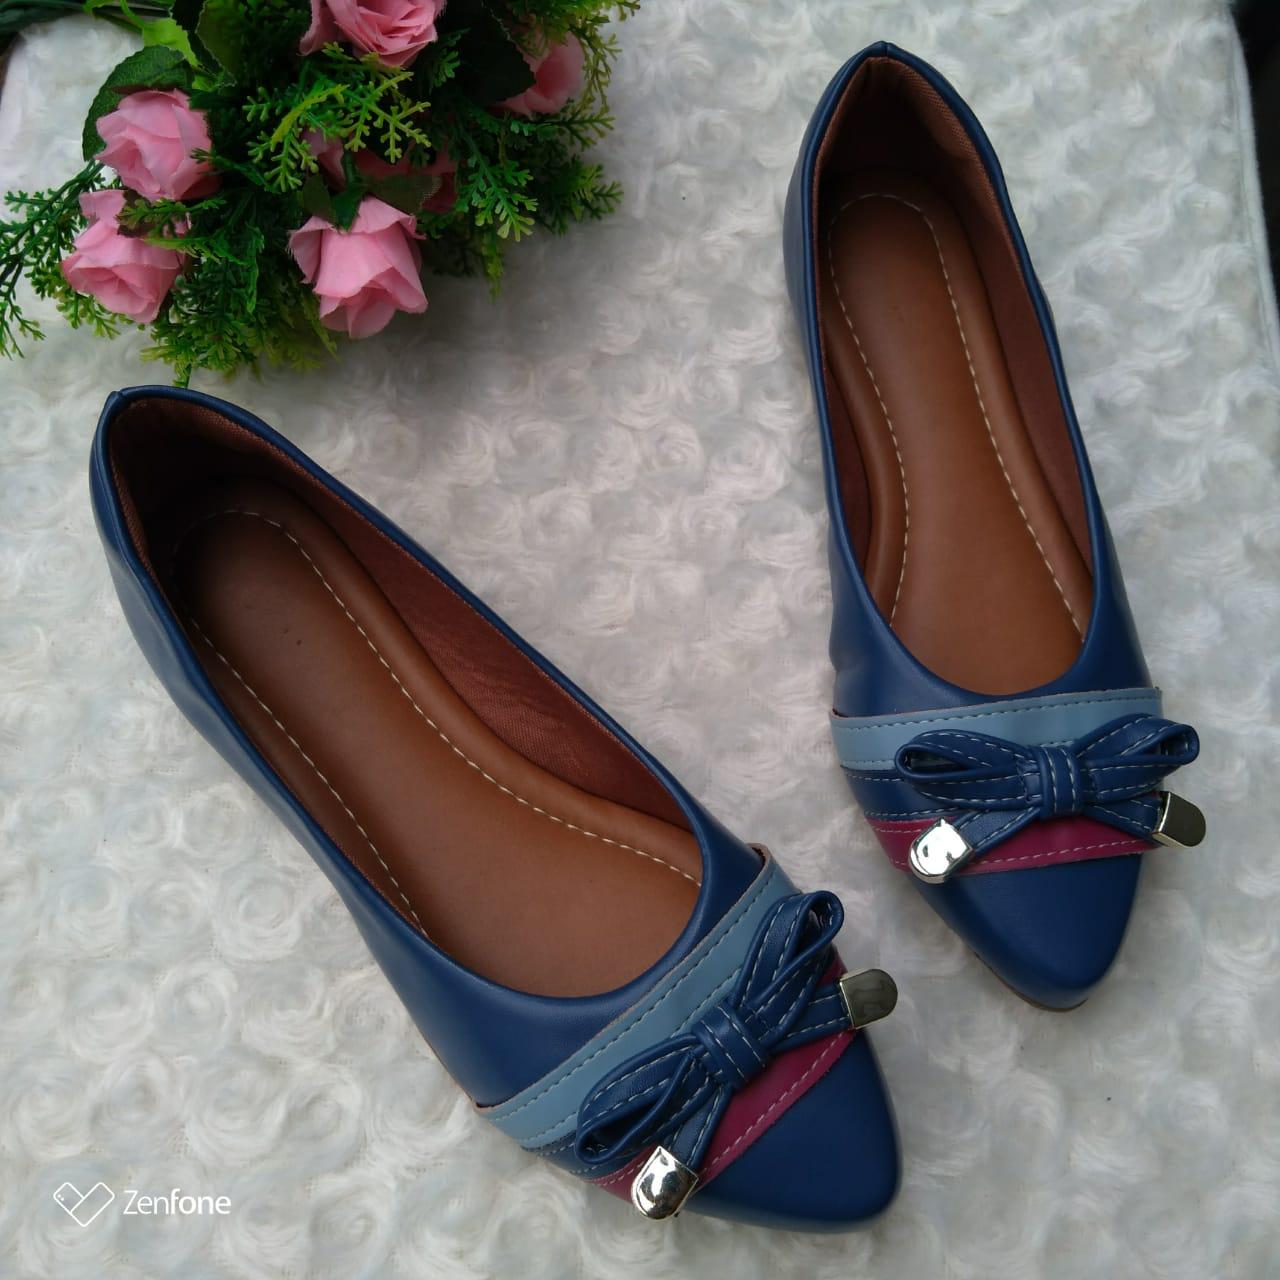 Sapatilha Azul Marinho bico fino com detalhes em Marsala e laço